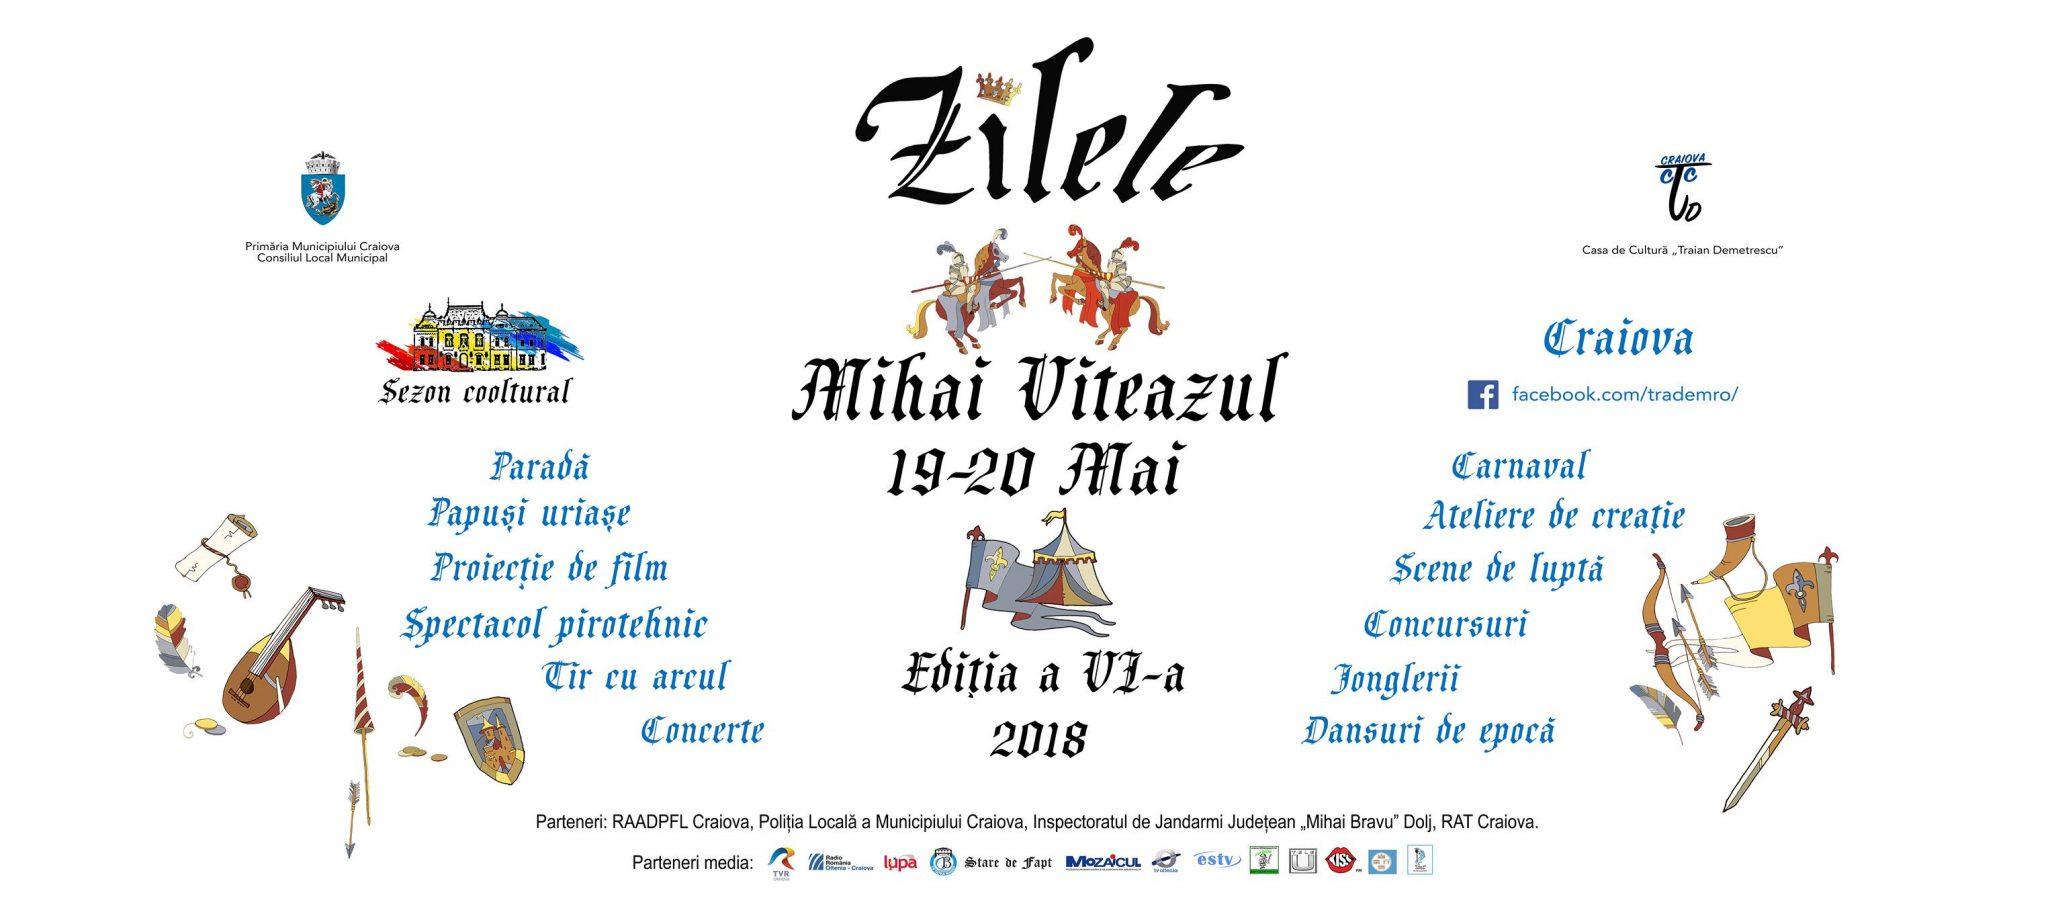 """Program """"ZILELE MIHAI VITEAZUL"""" Ediţia a VI-a, 19 – 20 Mai 2018 Piaţa """"Mihai Viteazul"""" din Craiova"""